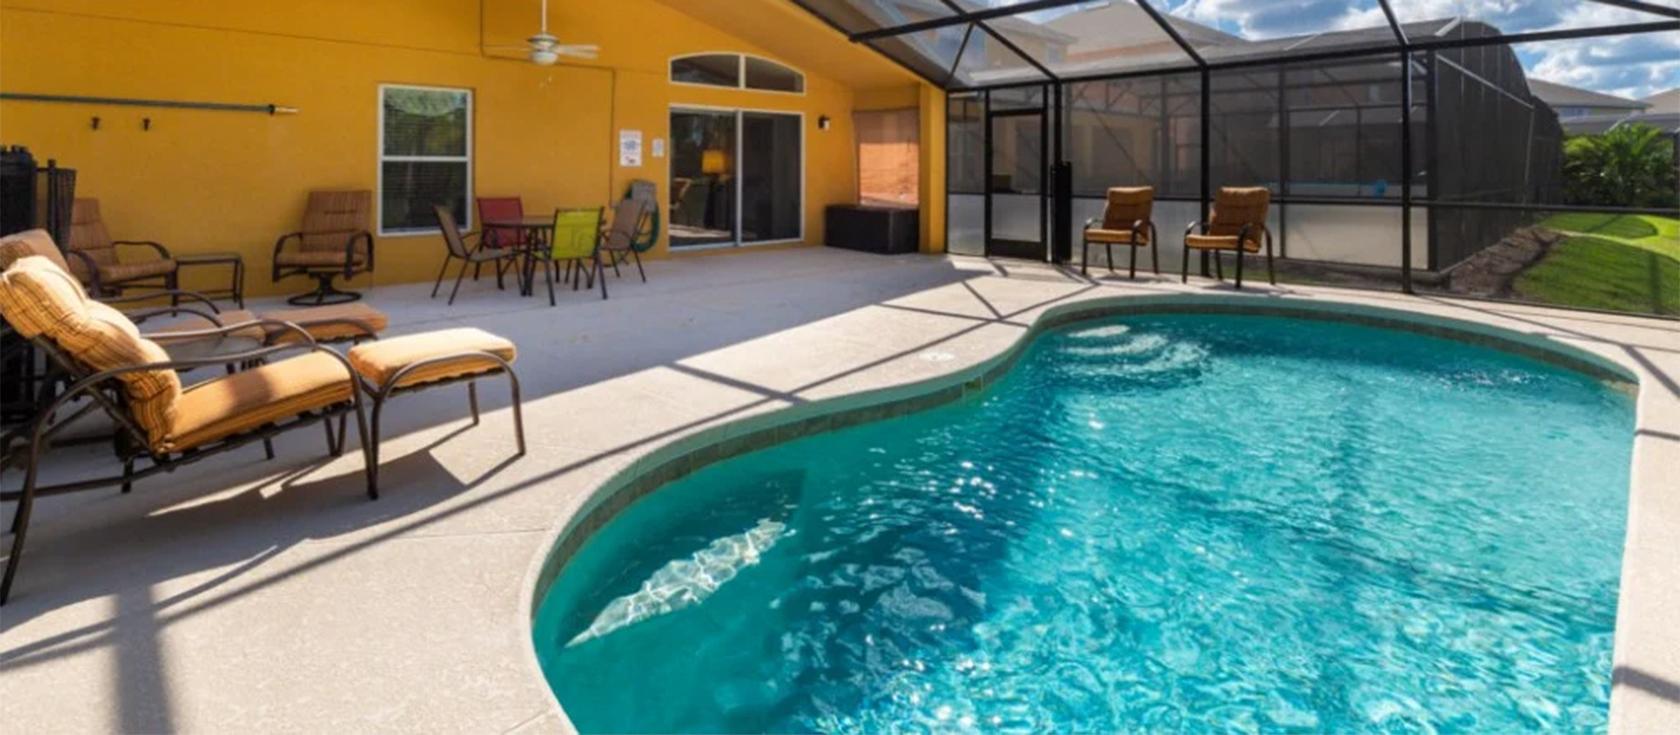 Watersong Resort 50, Davenport